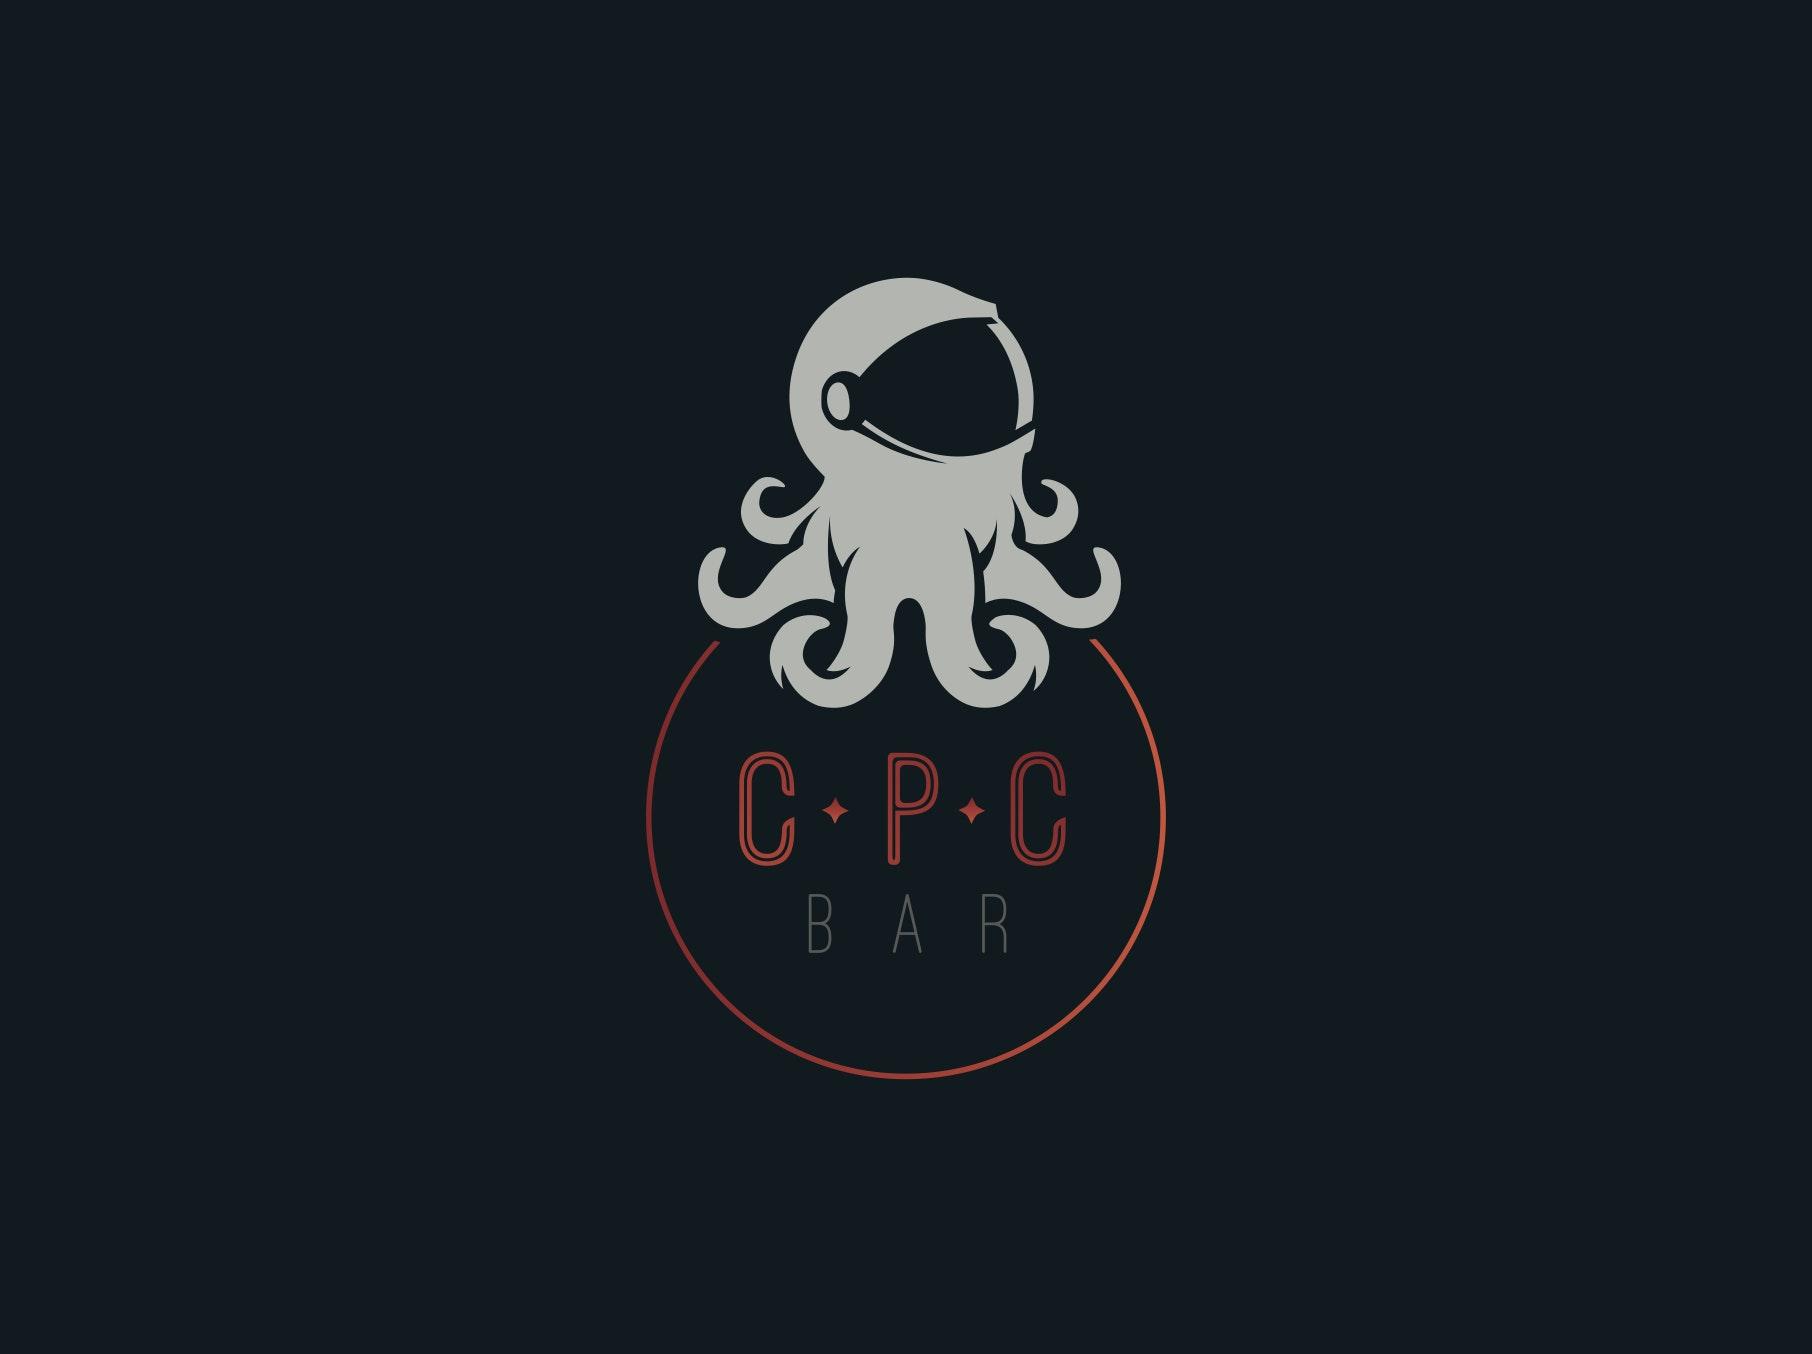 Bar CPC